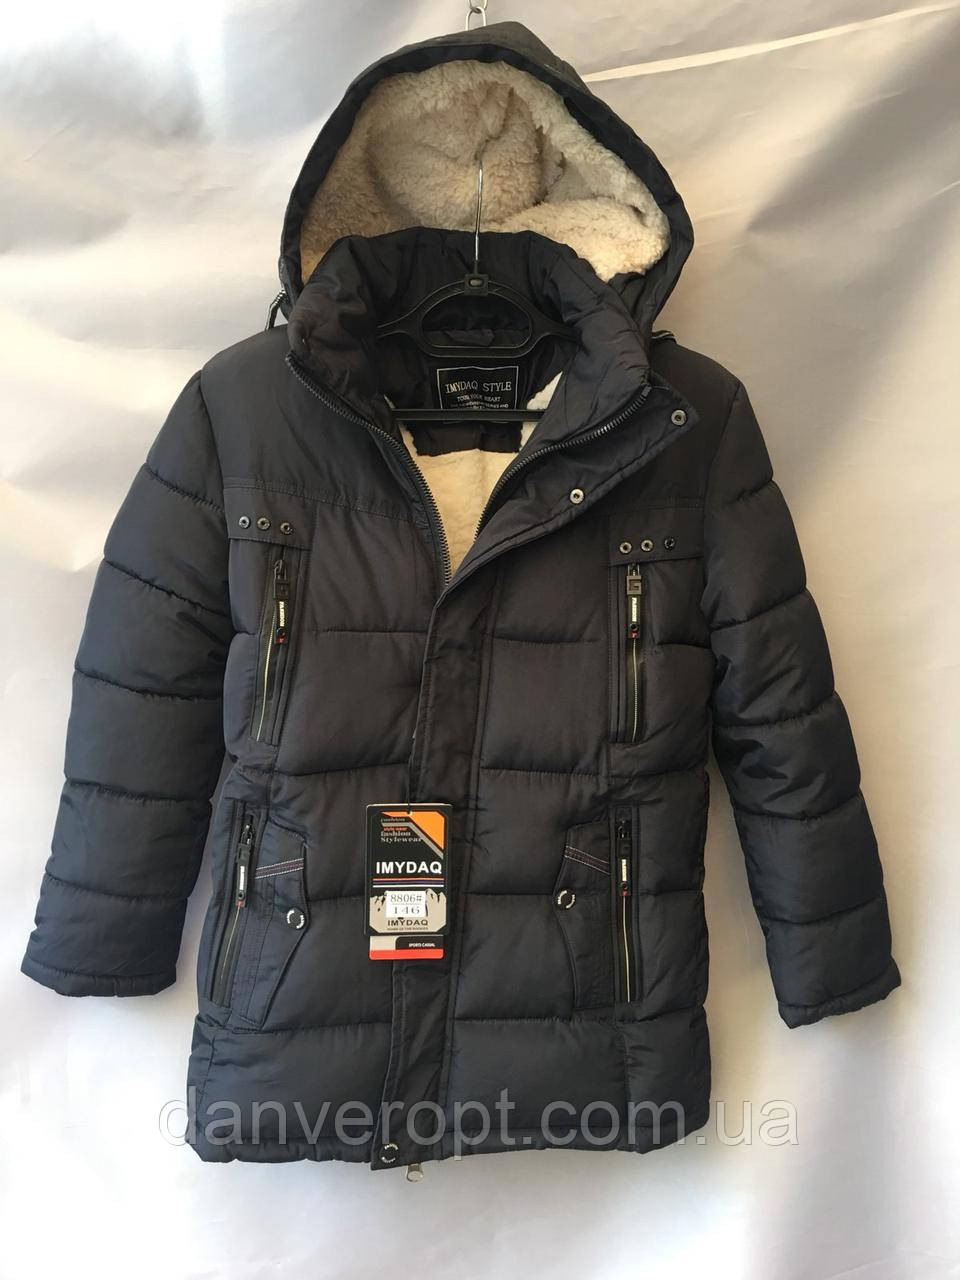 Куртка подростковая стильная зимняя с мехом на мальчика размер 134-158 см купить оптом со склада 7км Одесса